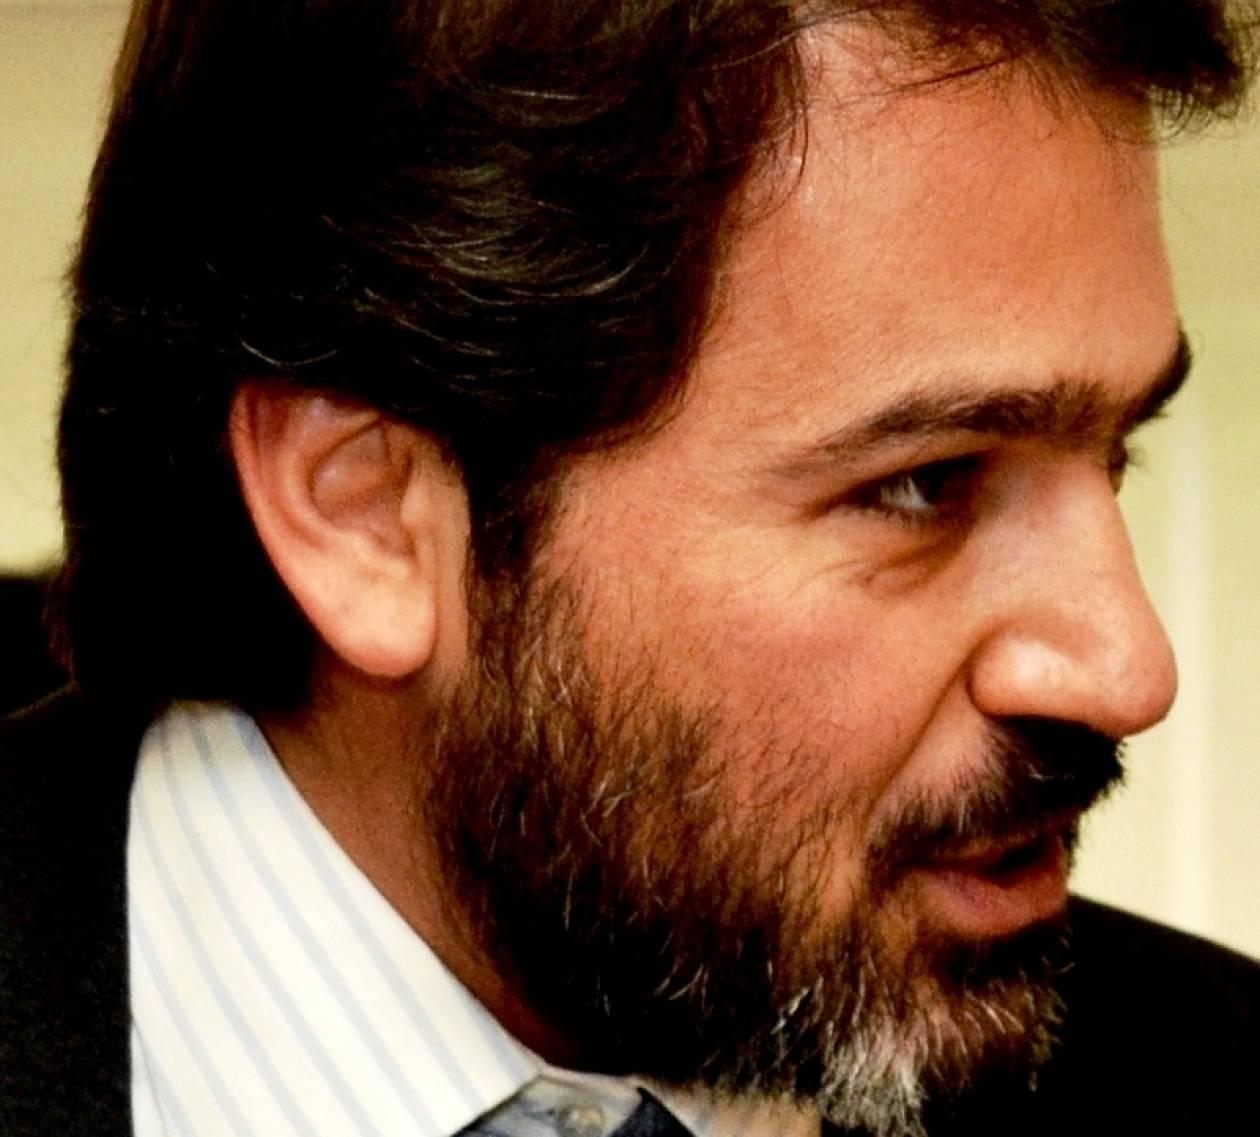 Ο βουλευτής Μιχ. Ταμήλος και το ξεχασμένο δοκίμιο του Γ. Λεμπέση